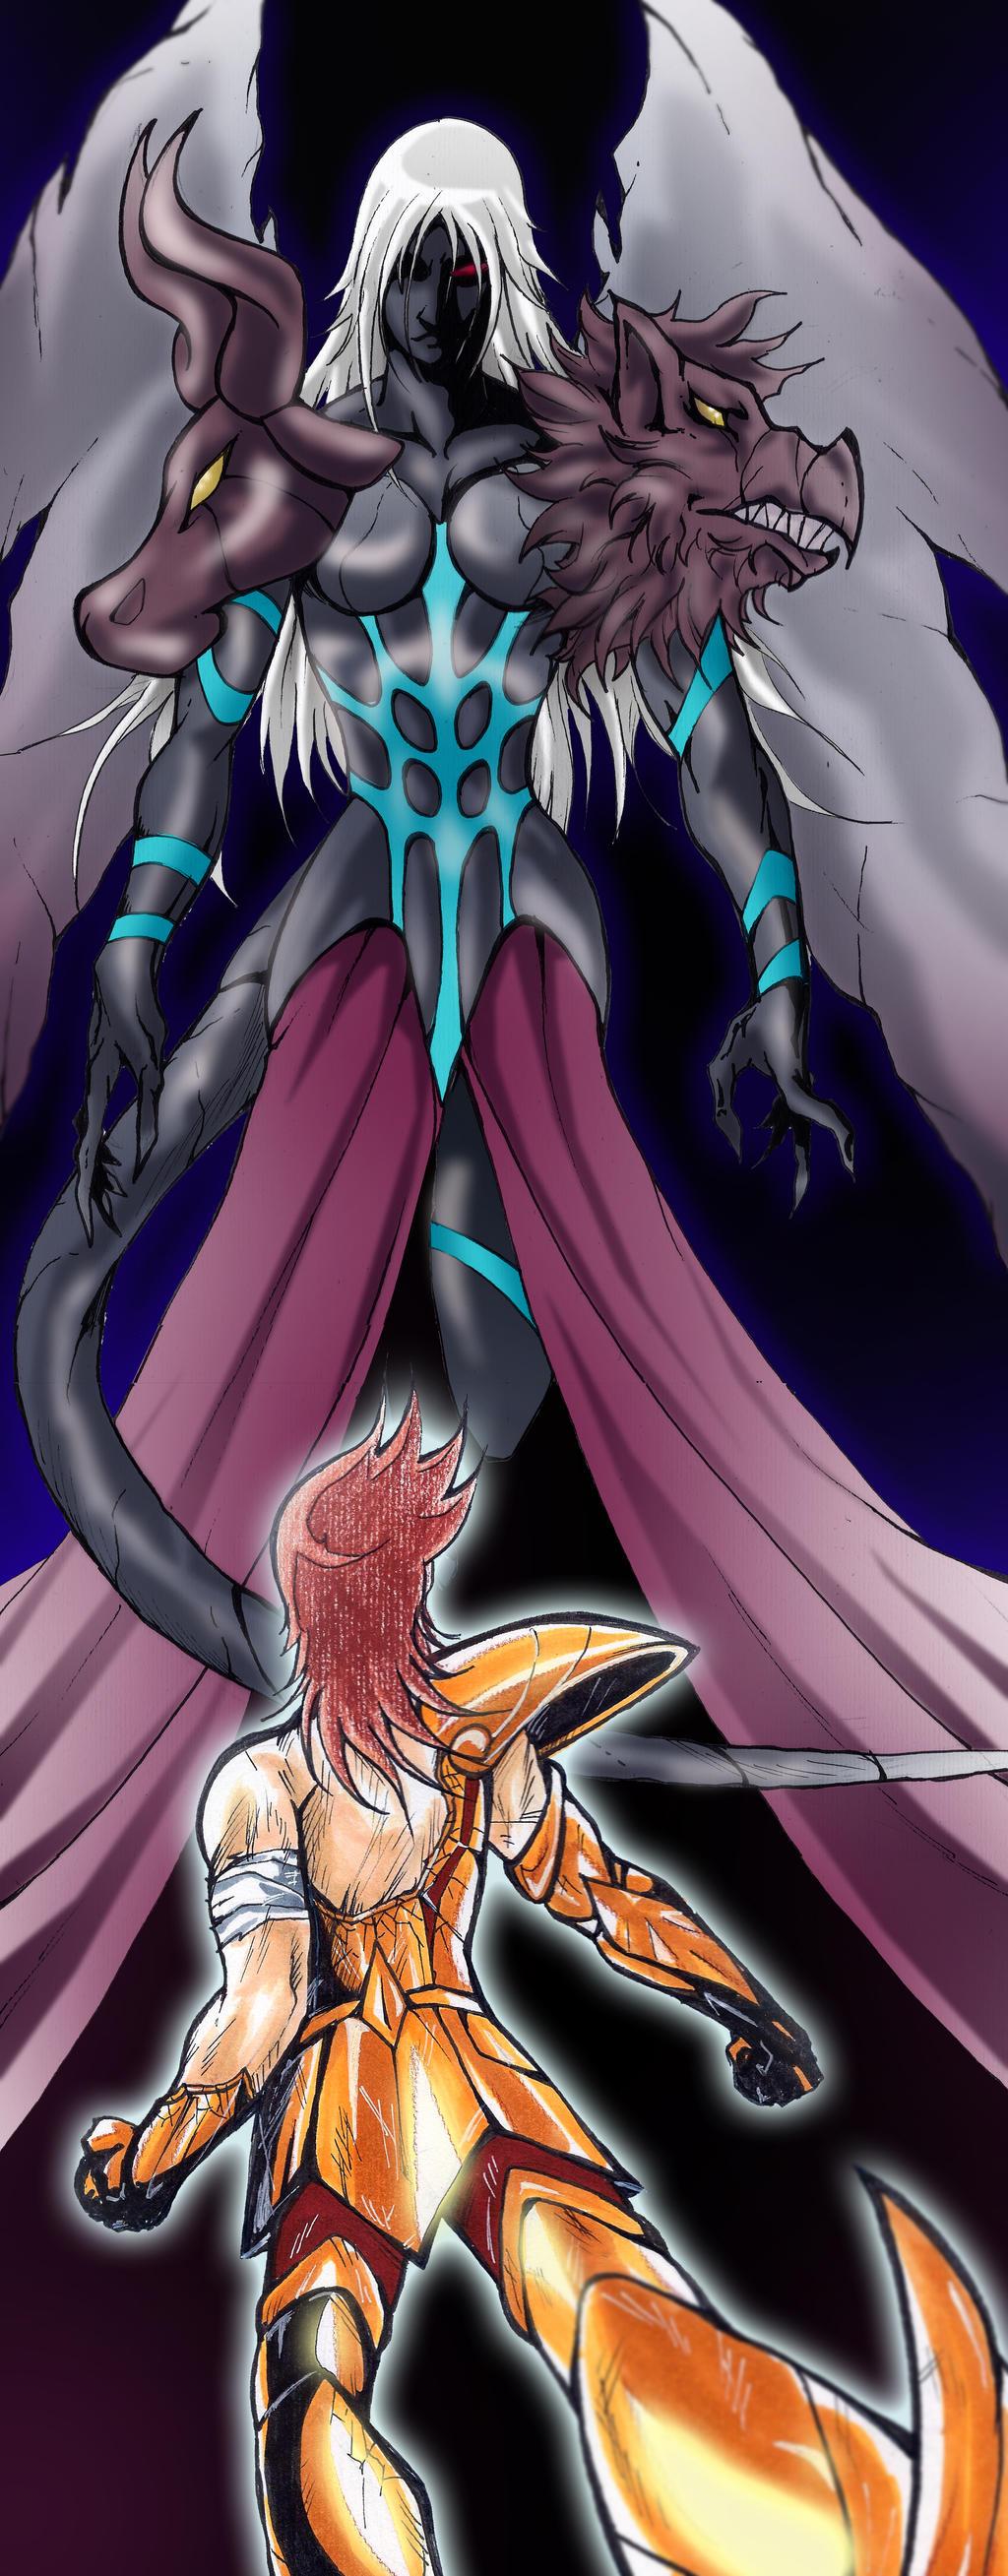 Saint Seiya FanArt - Omega